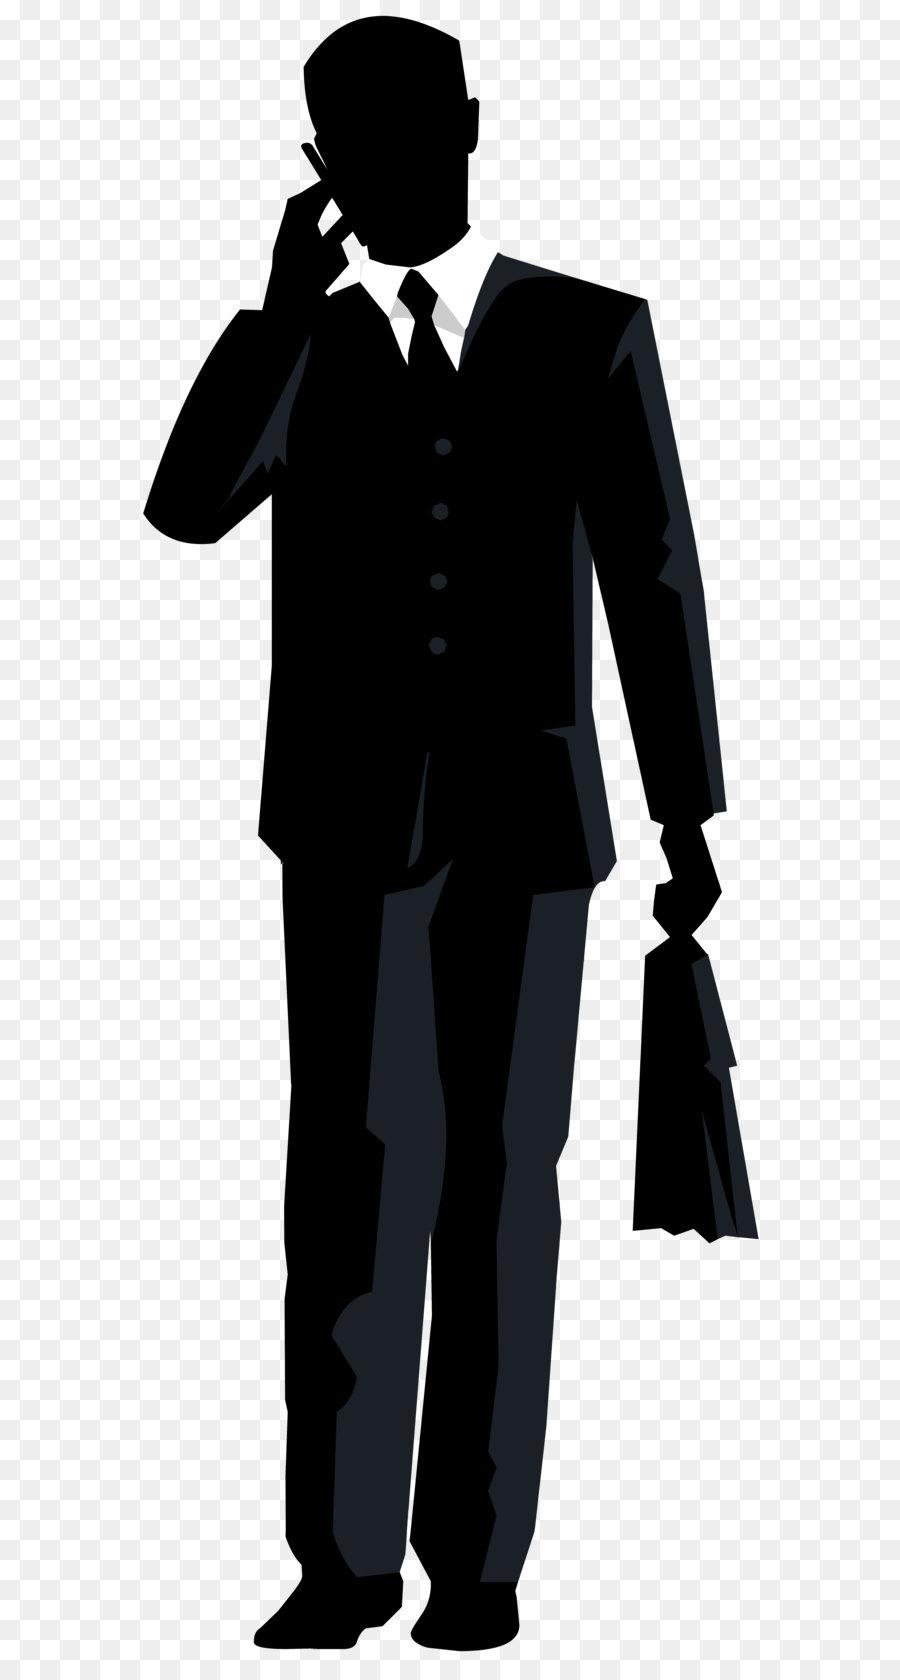 clip art businessman silhouette png transparent clip art